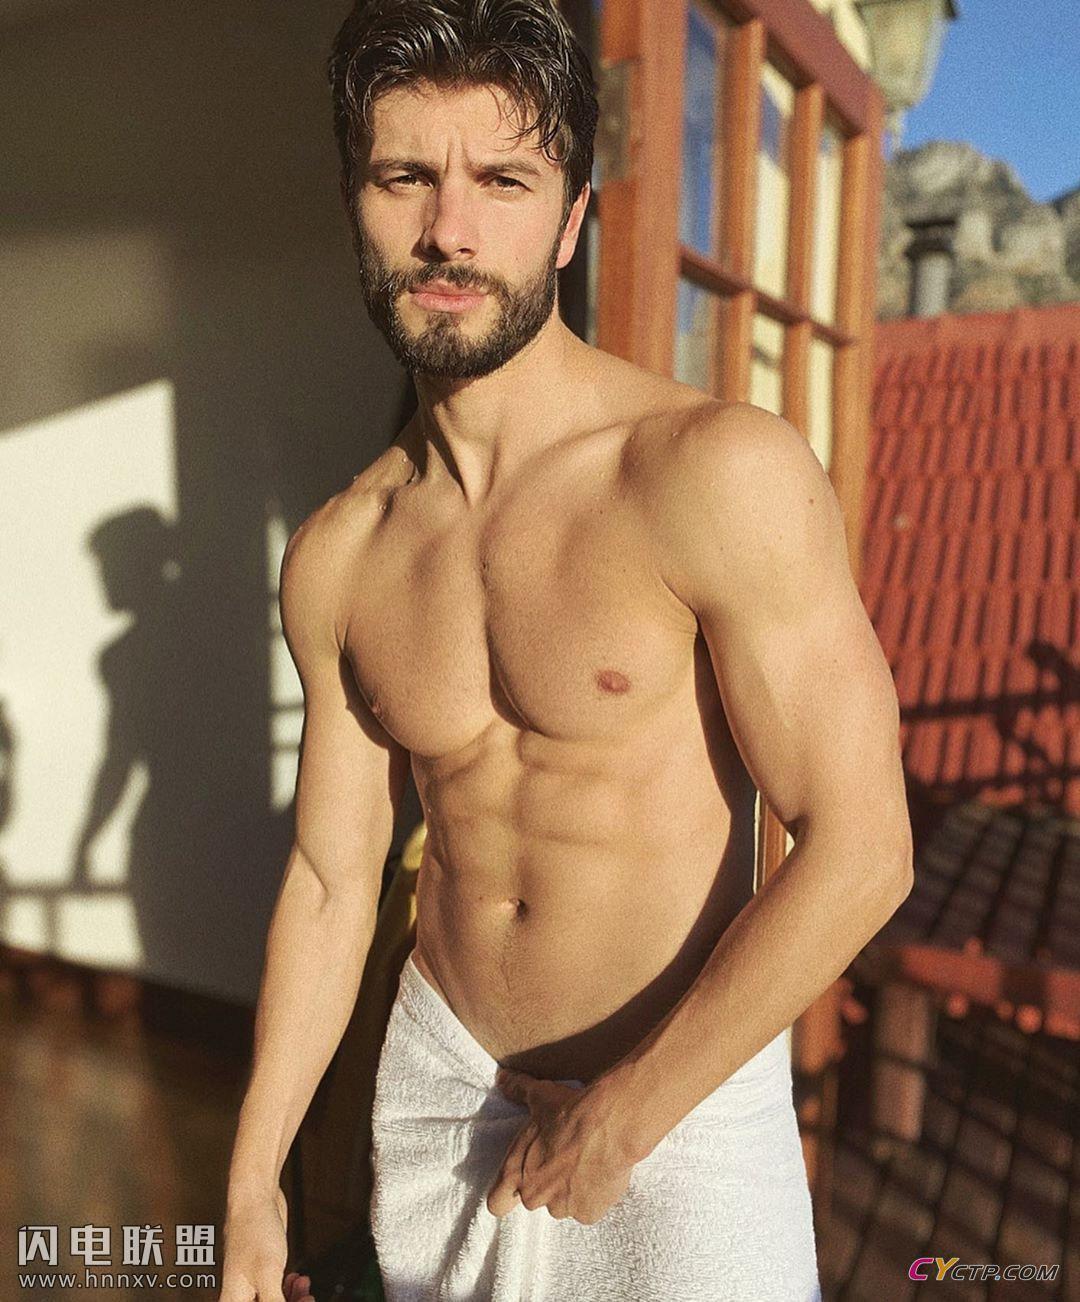 美国肌肉裸男洗澡图片无遮挡